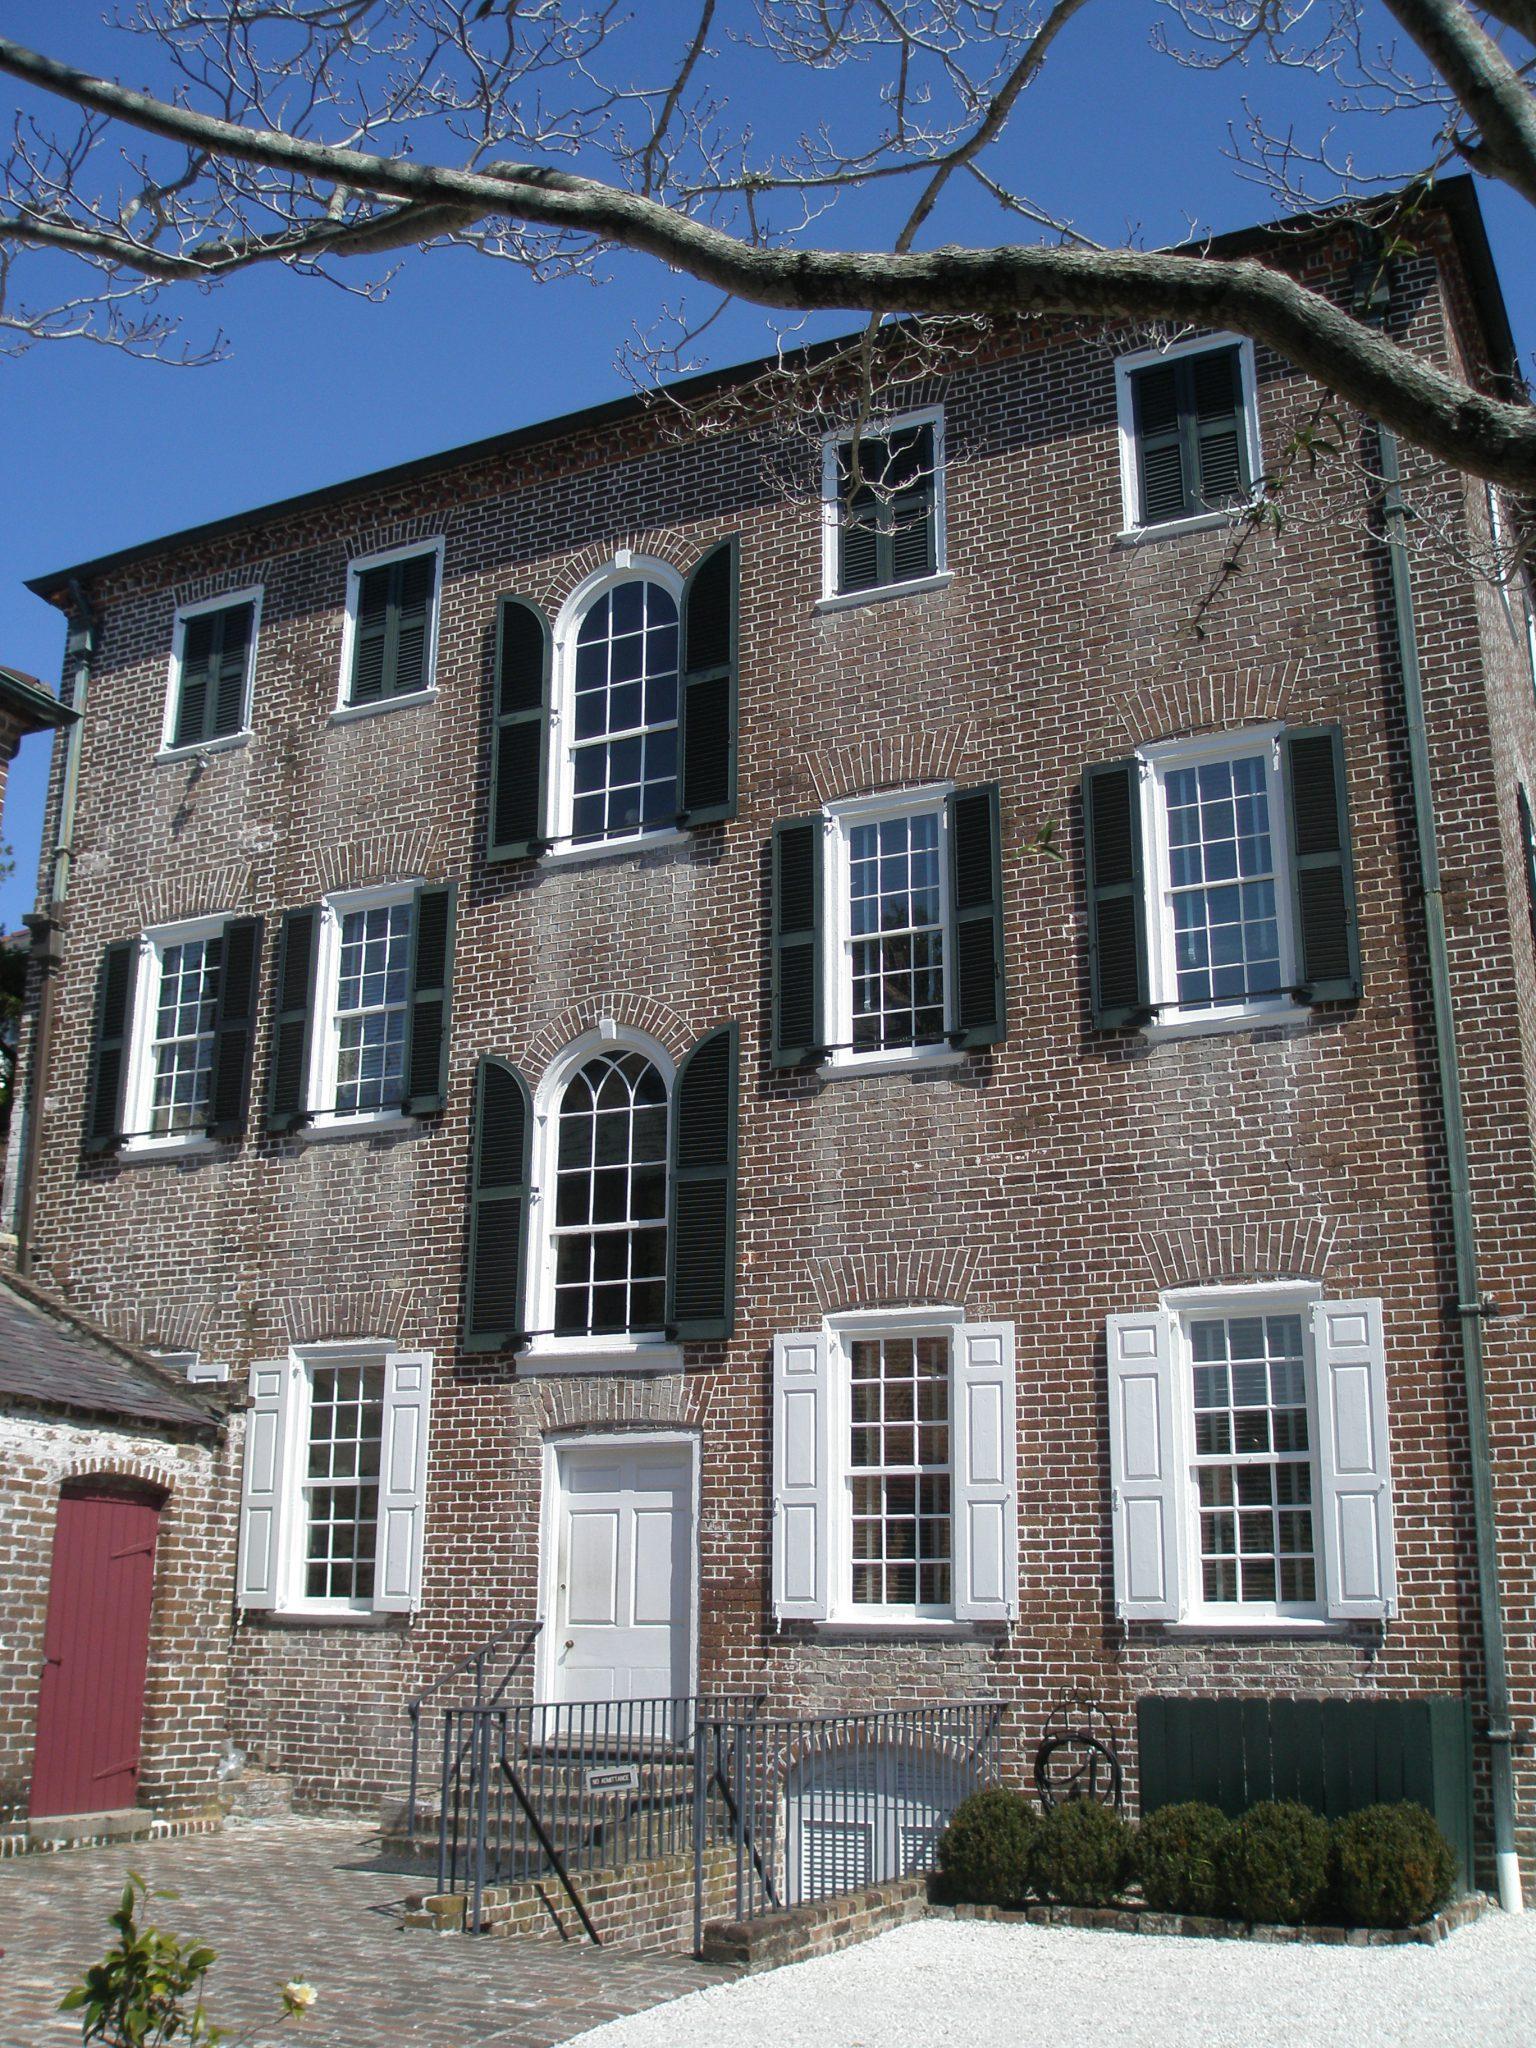 Back Entry at Heyward-Washington House